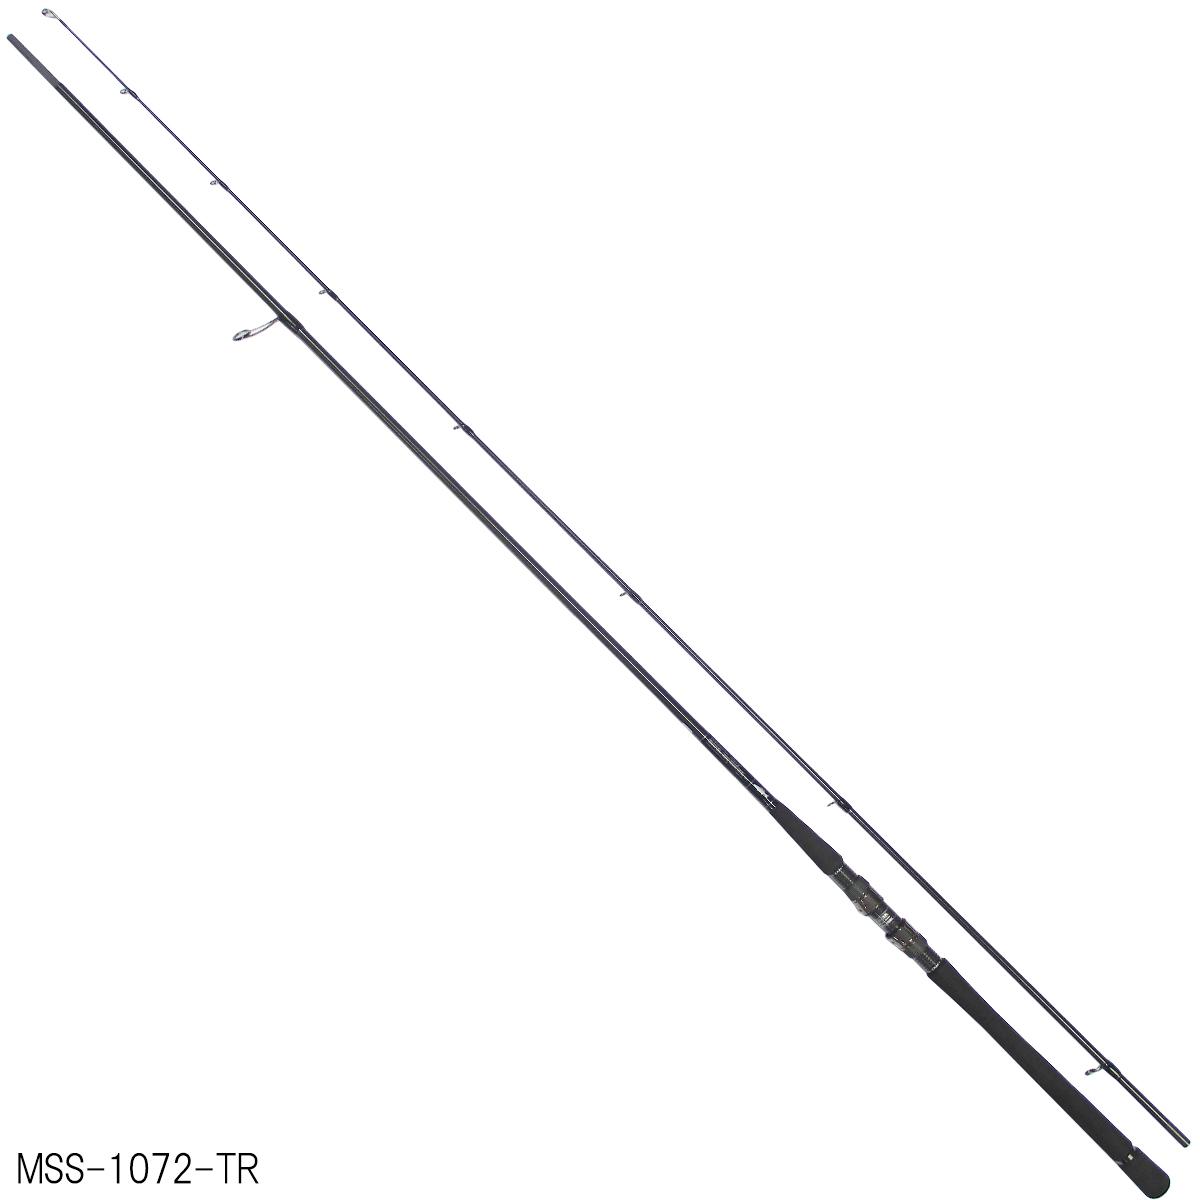 ジークラフト セブンセンスTR モンスターサーフ MSS-1072-TR【大型商品】